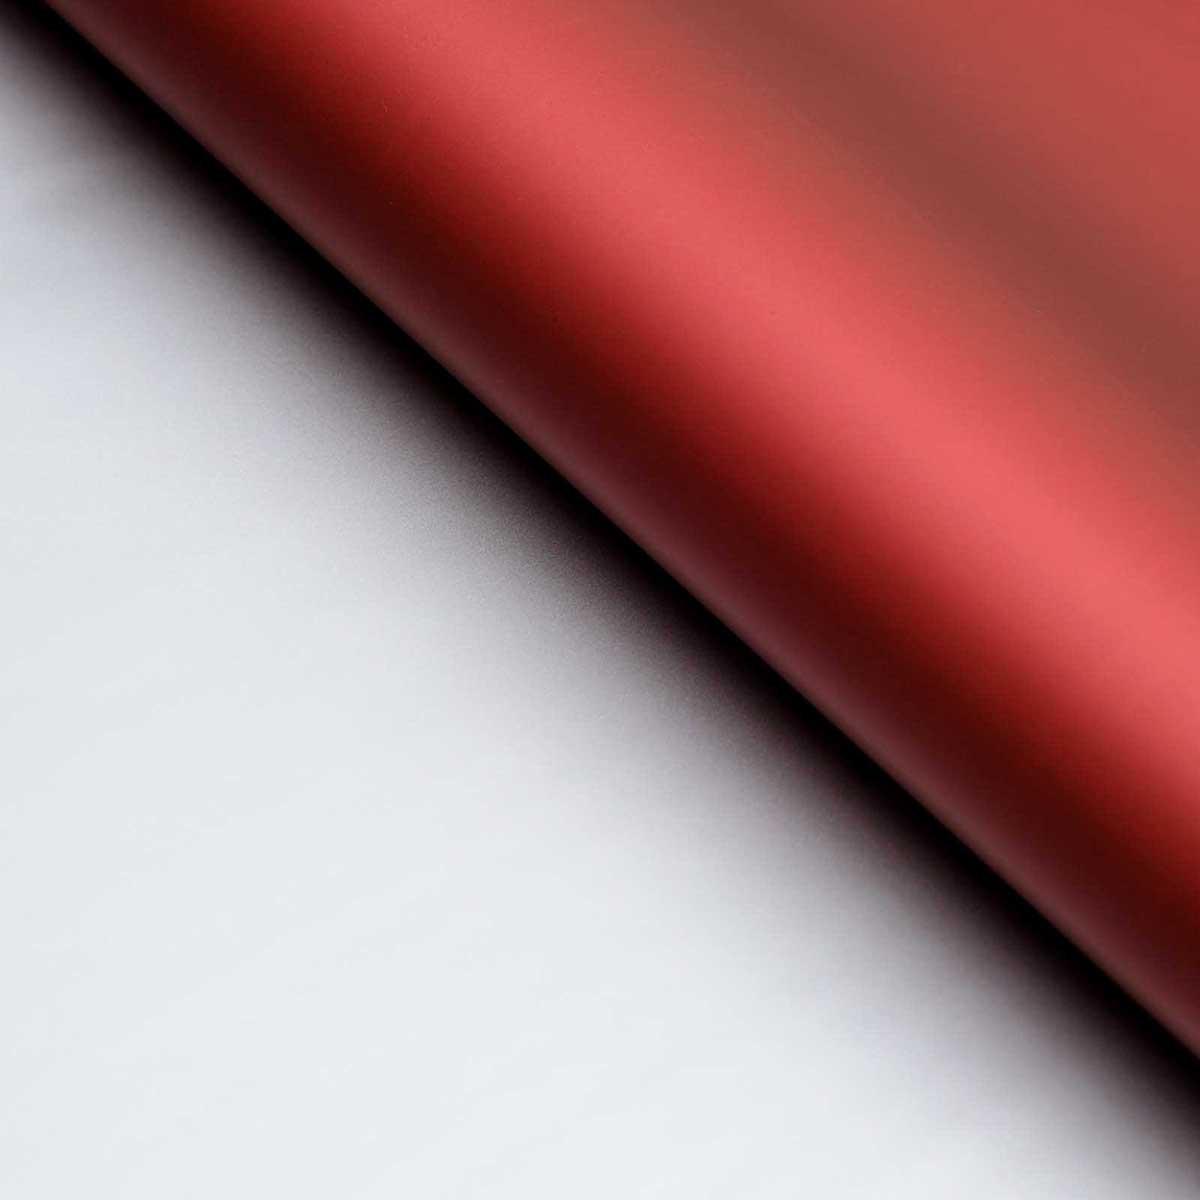 128386 Пленка матовая двухсторонняя 60*60 см, цвет бордовый/серебряный